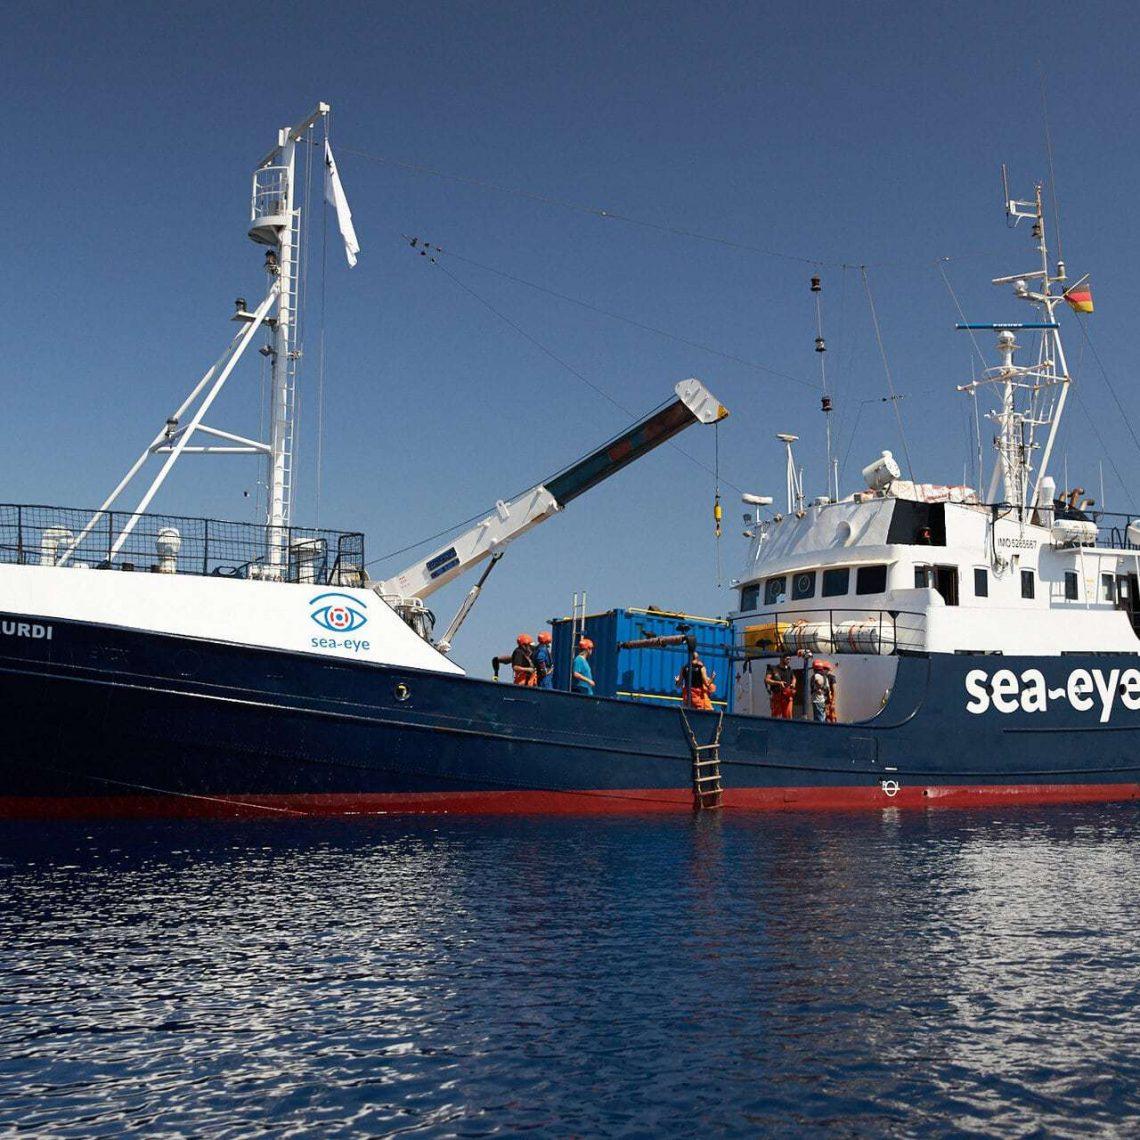 Sea-Watch finanziert Rettungsmission der Organisation Sea-Eye Alan Kurdi startet in weiteren Rettungseinsatz im Mittelmeer